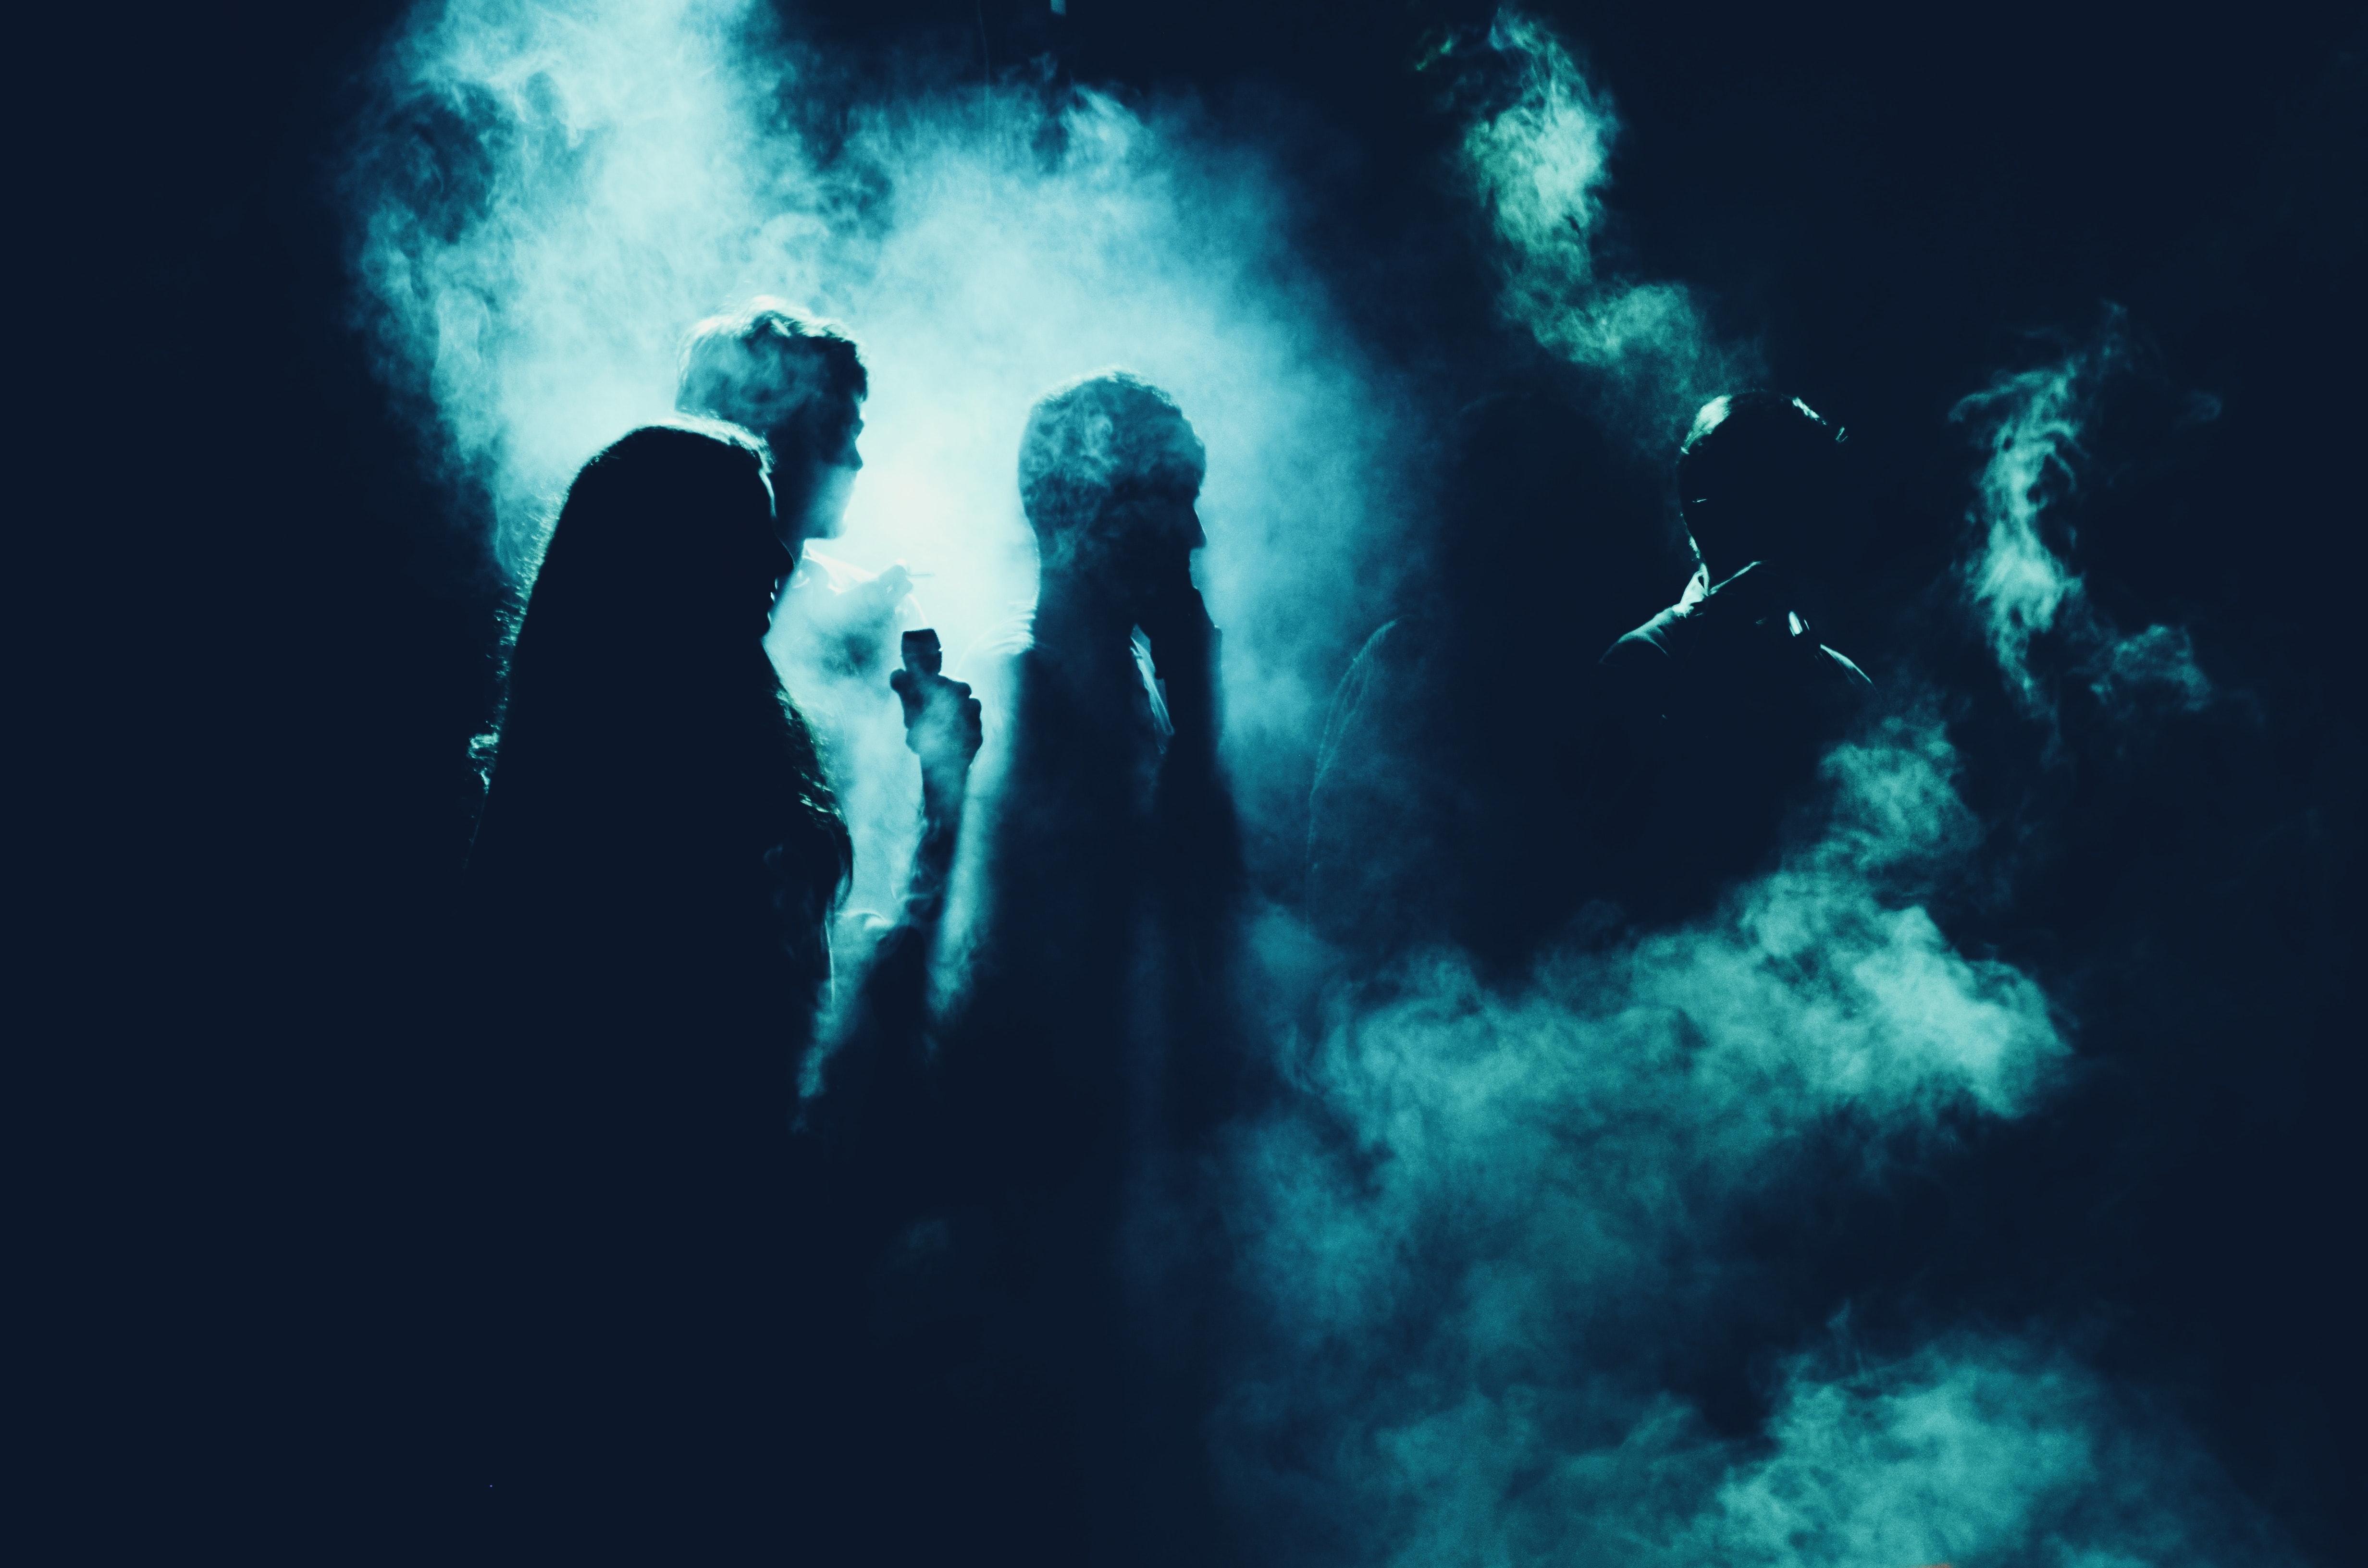 भुतांची पंगत – मराठी भयकथा